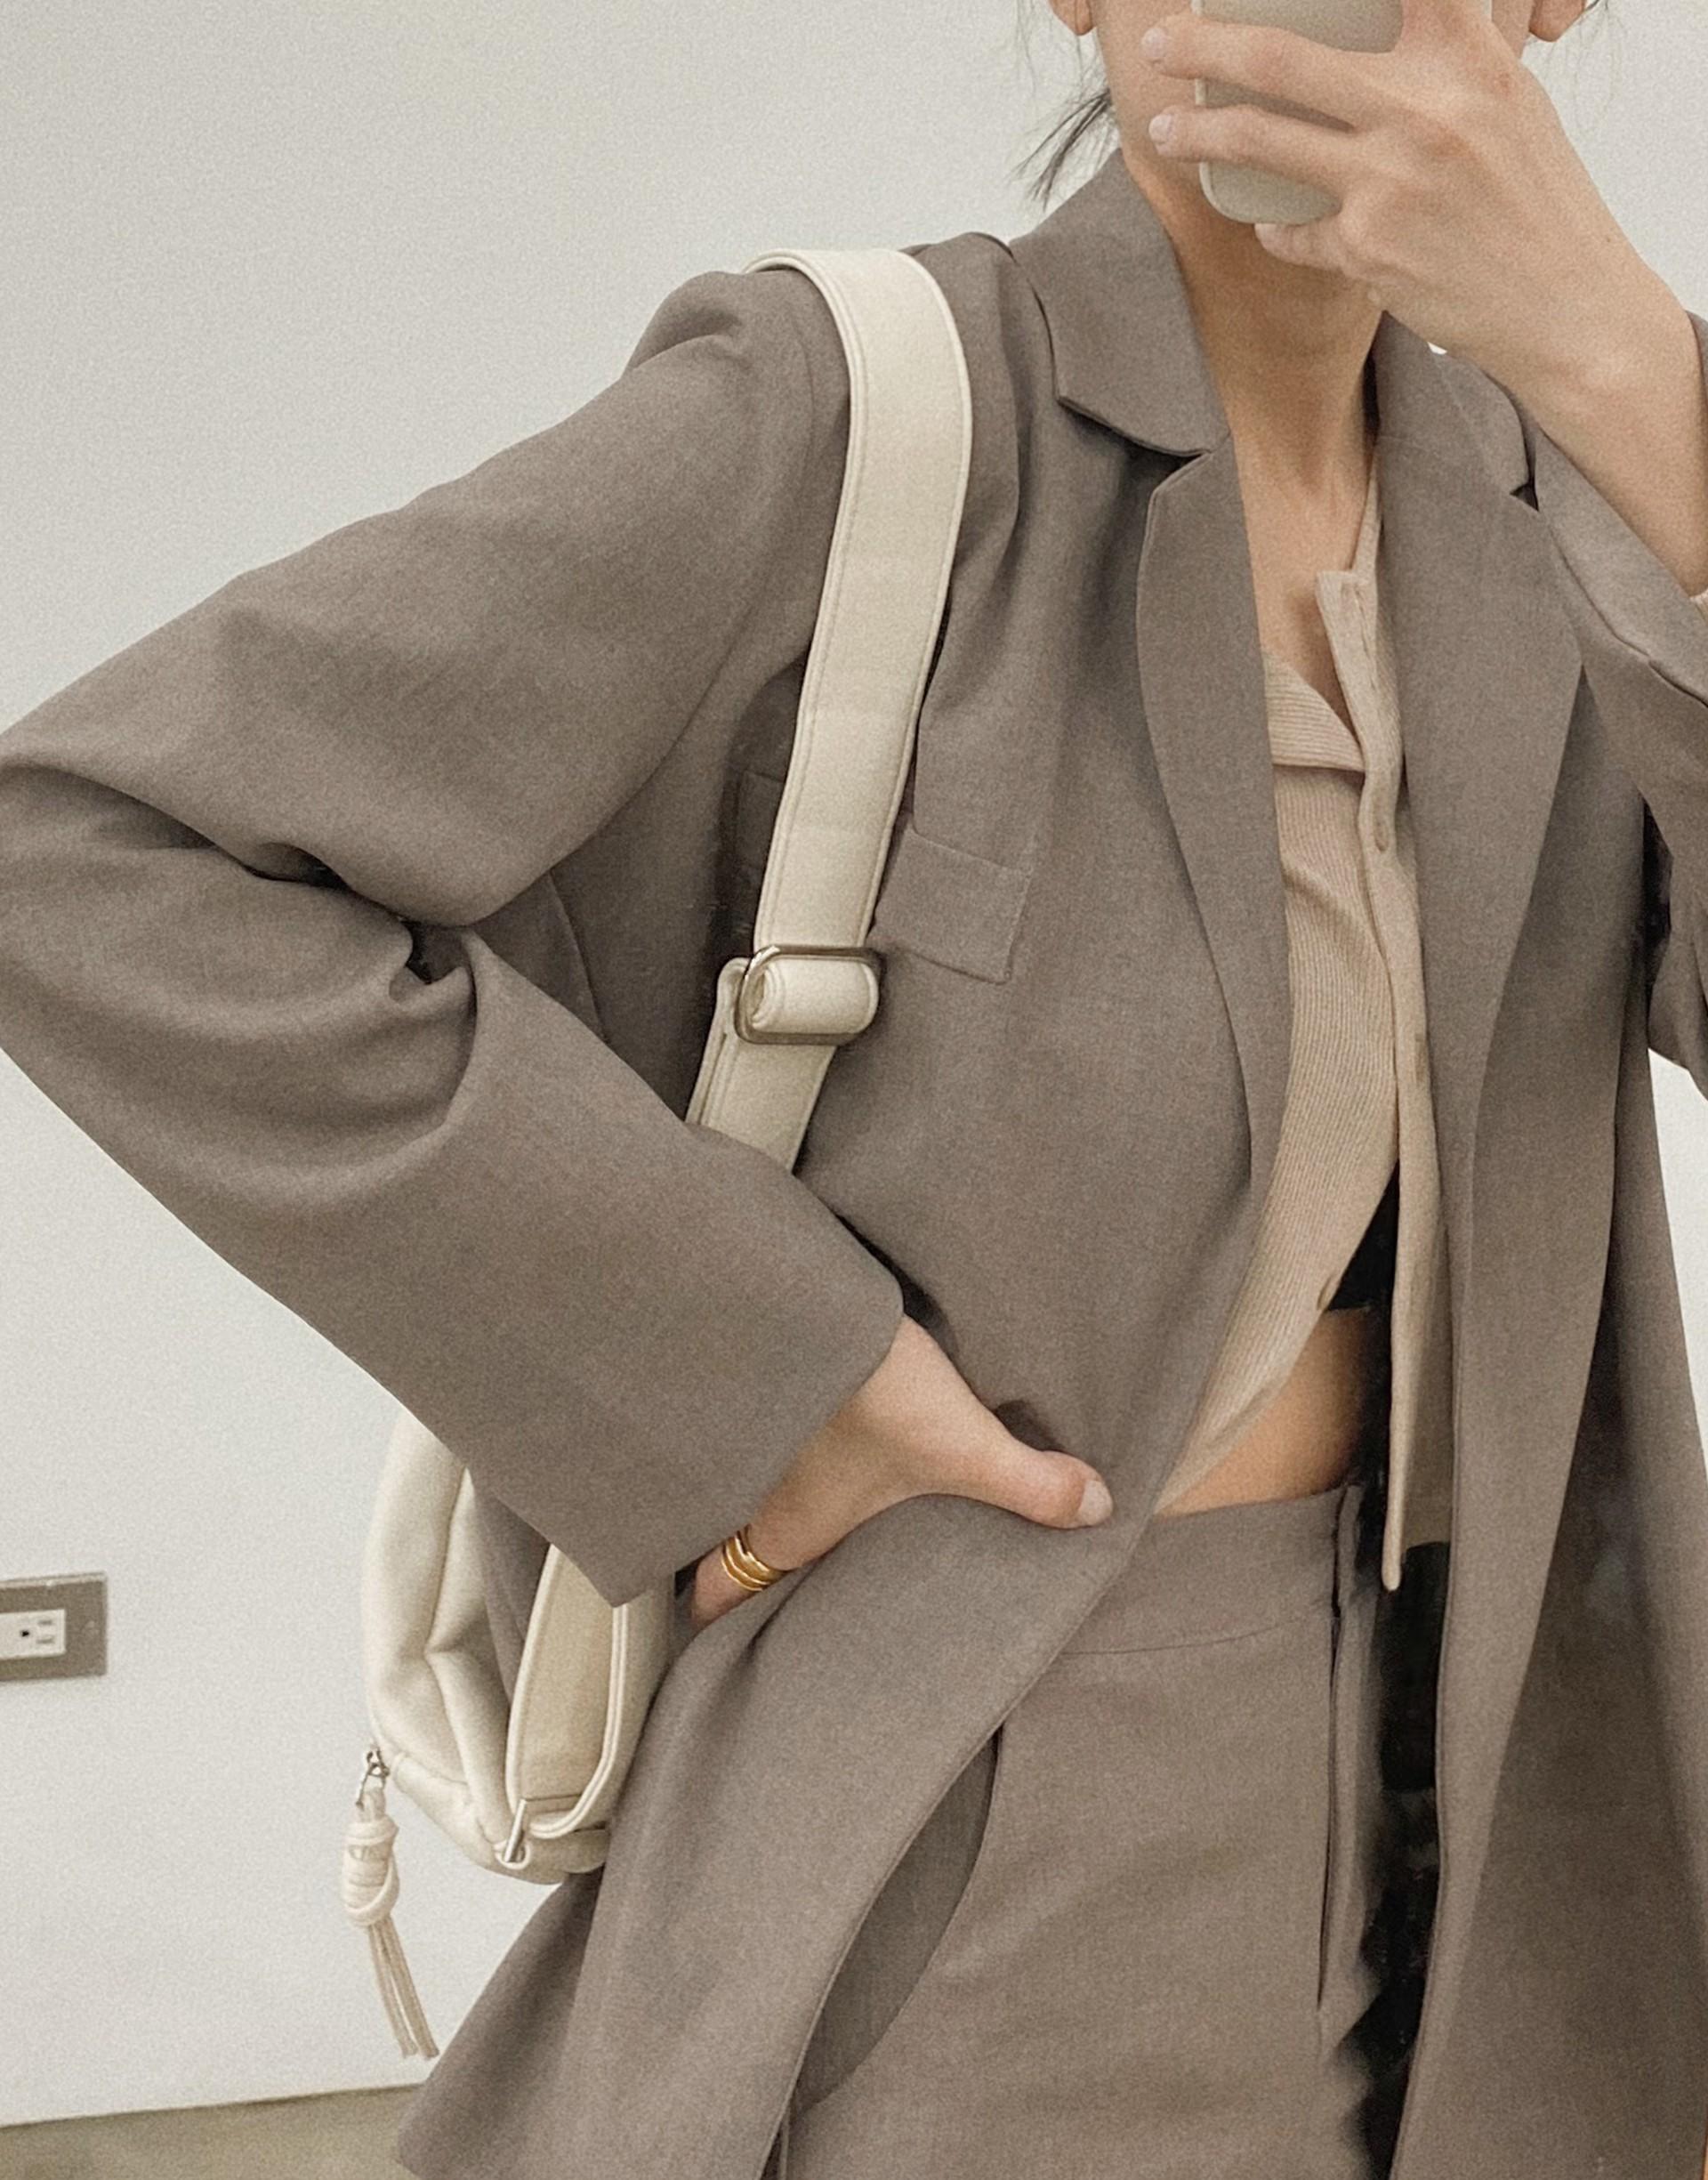 MIT精選西裝面料/質感百搭/無口袋/後中下擺開岔造型/有薄墊肩/半截內裡透氣舒適/附一條本布腰帶